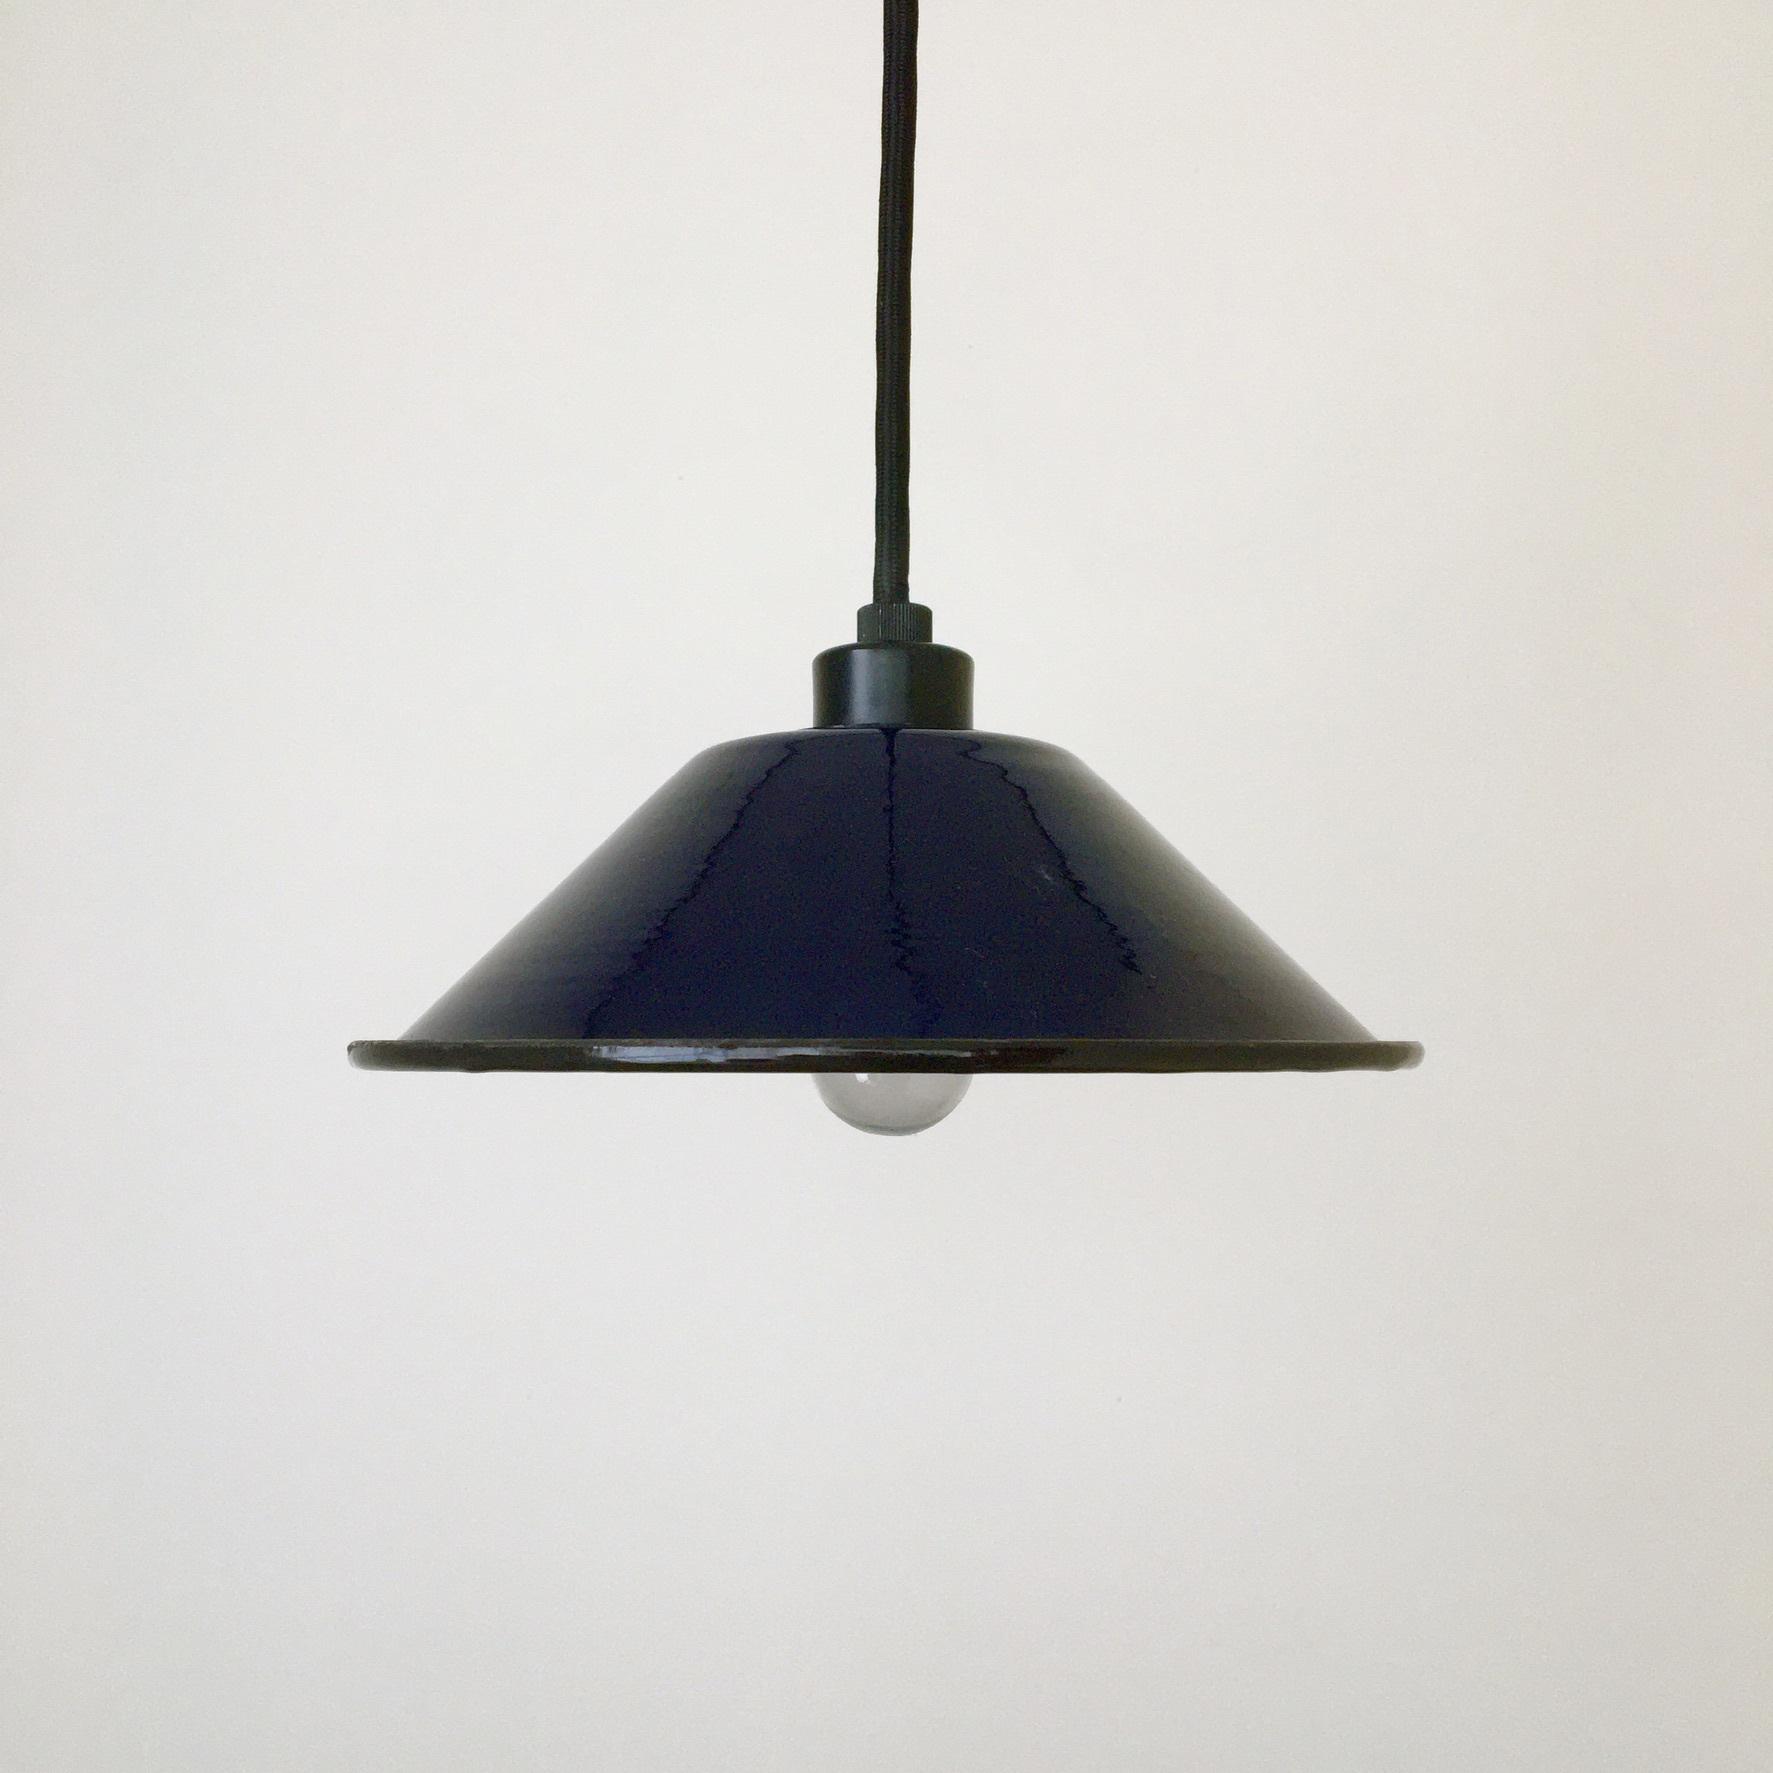 ホーローのランプシェード ネイビーブルー Heavy Duty Enamel Iron Lampshade Navy Blue(PUEBCO)